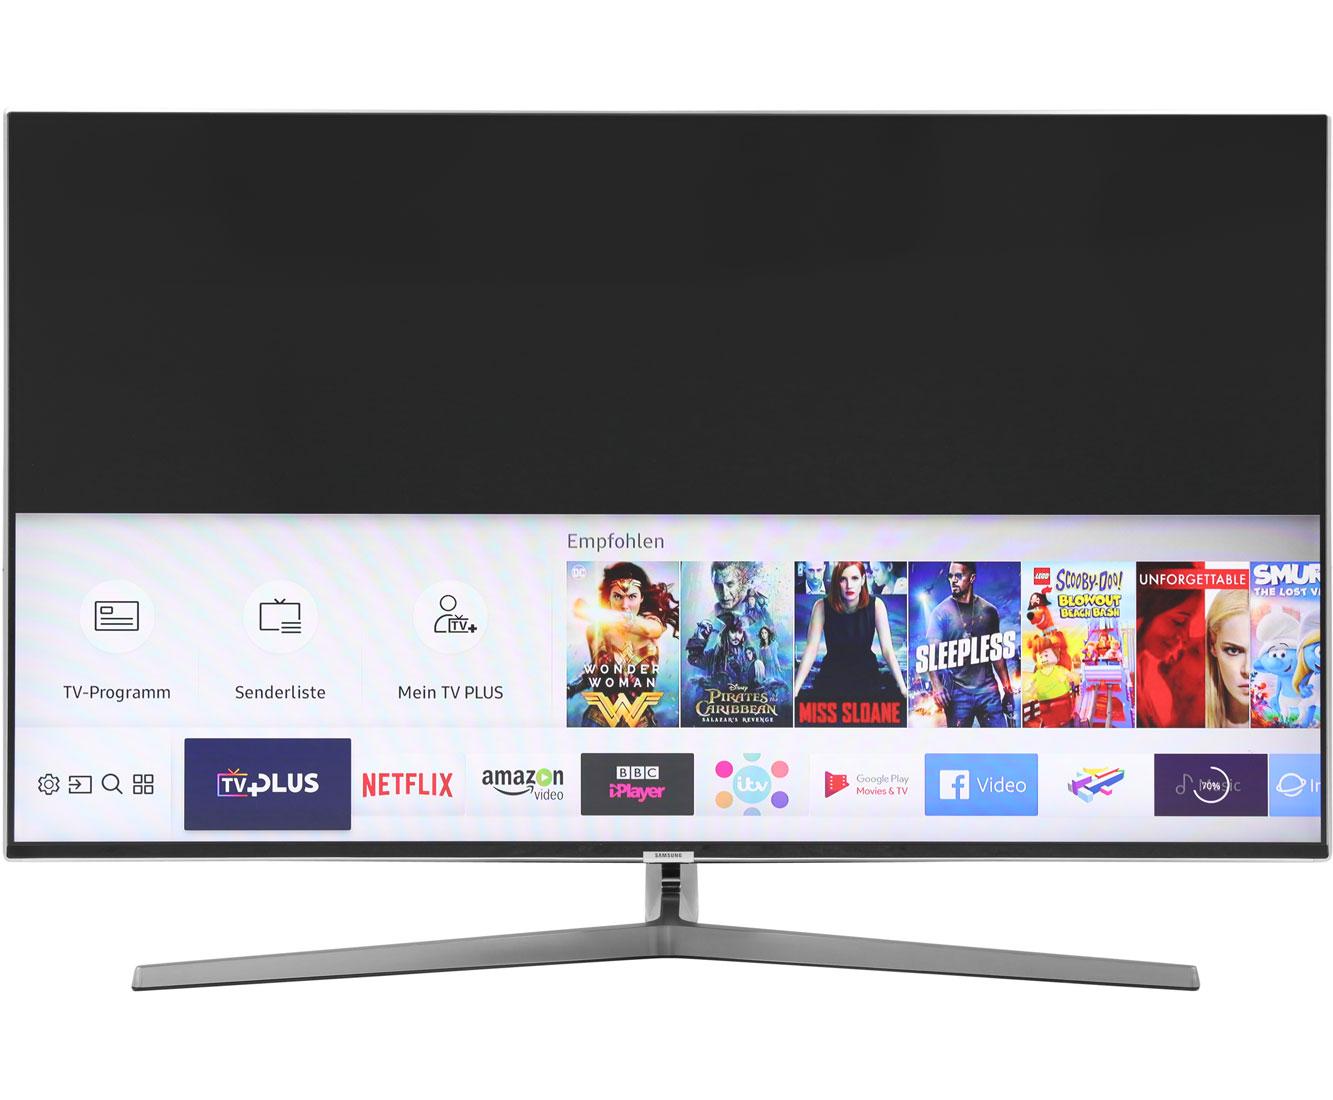 [ao.de] Samsung MU8009 138 cm (55 Zoll) Fernseher (Ultra HD, Twin Tuner, HDR 1000, Smart TV, 120hz, 10 bit) silber